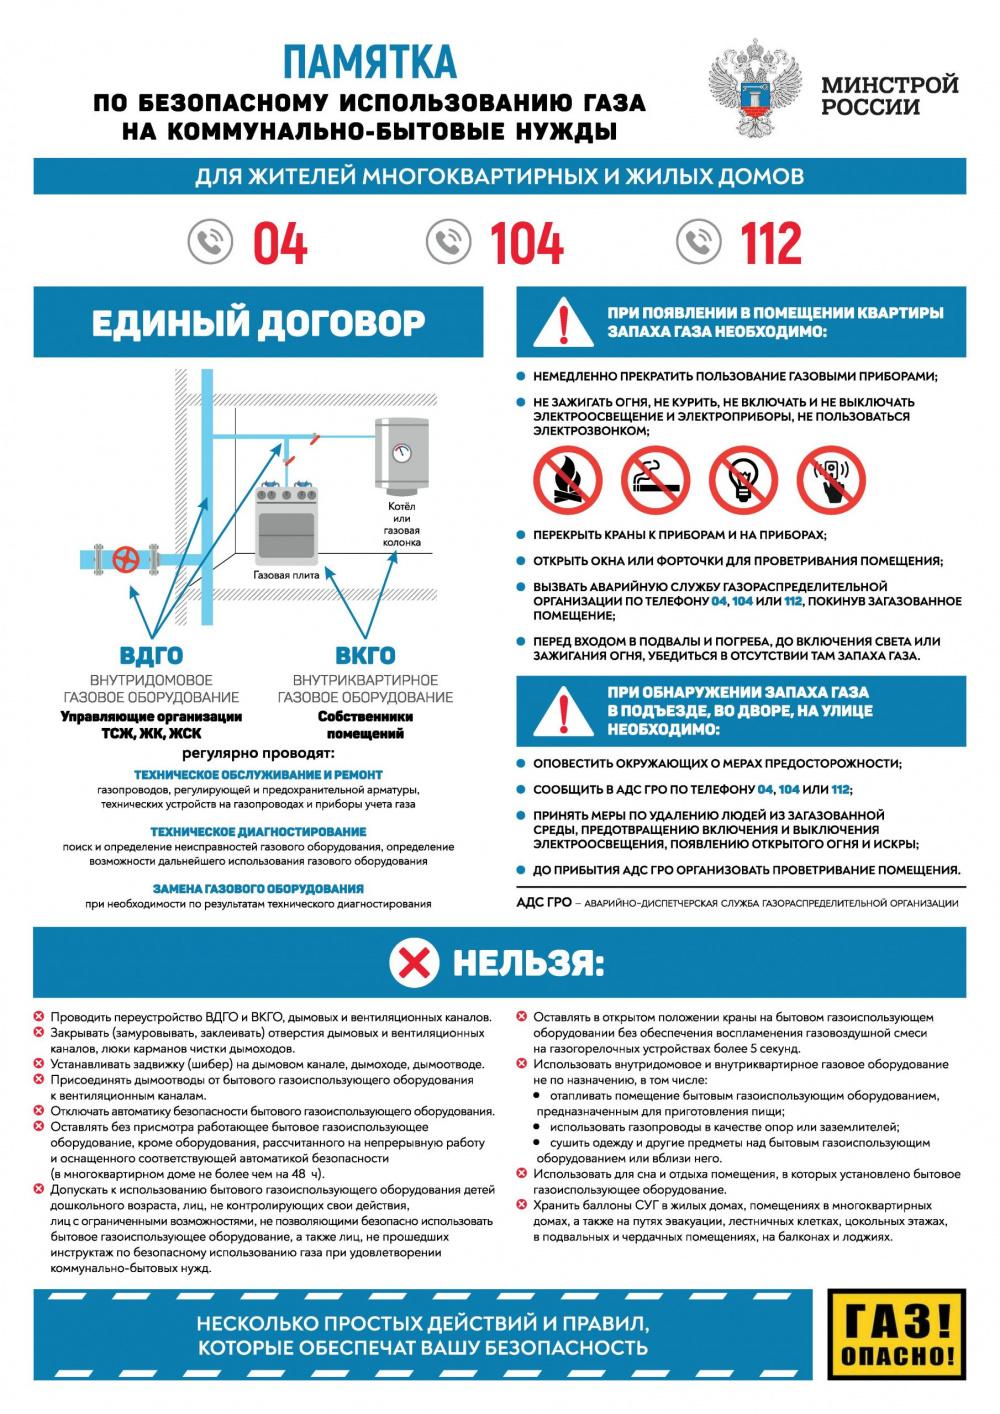 О правилах безопасного использования газа